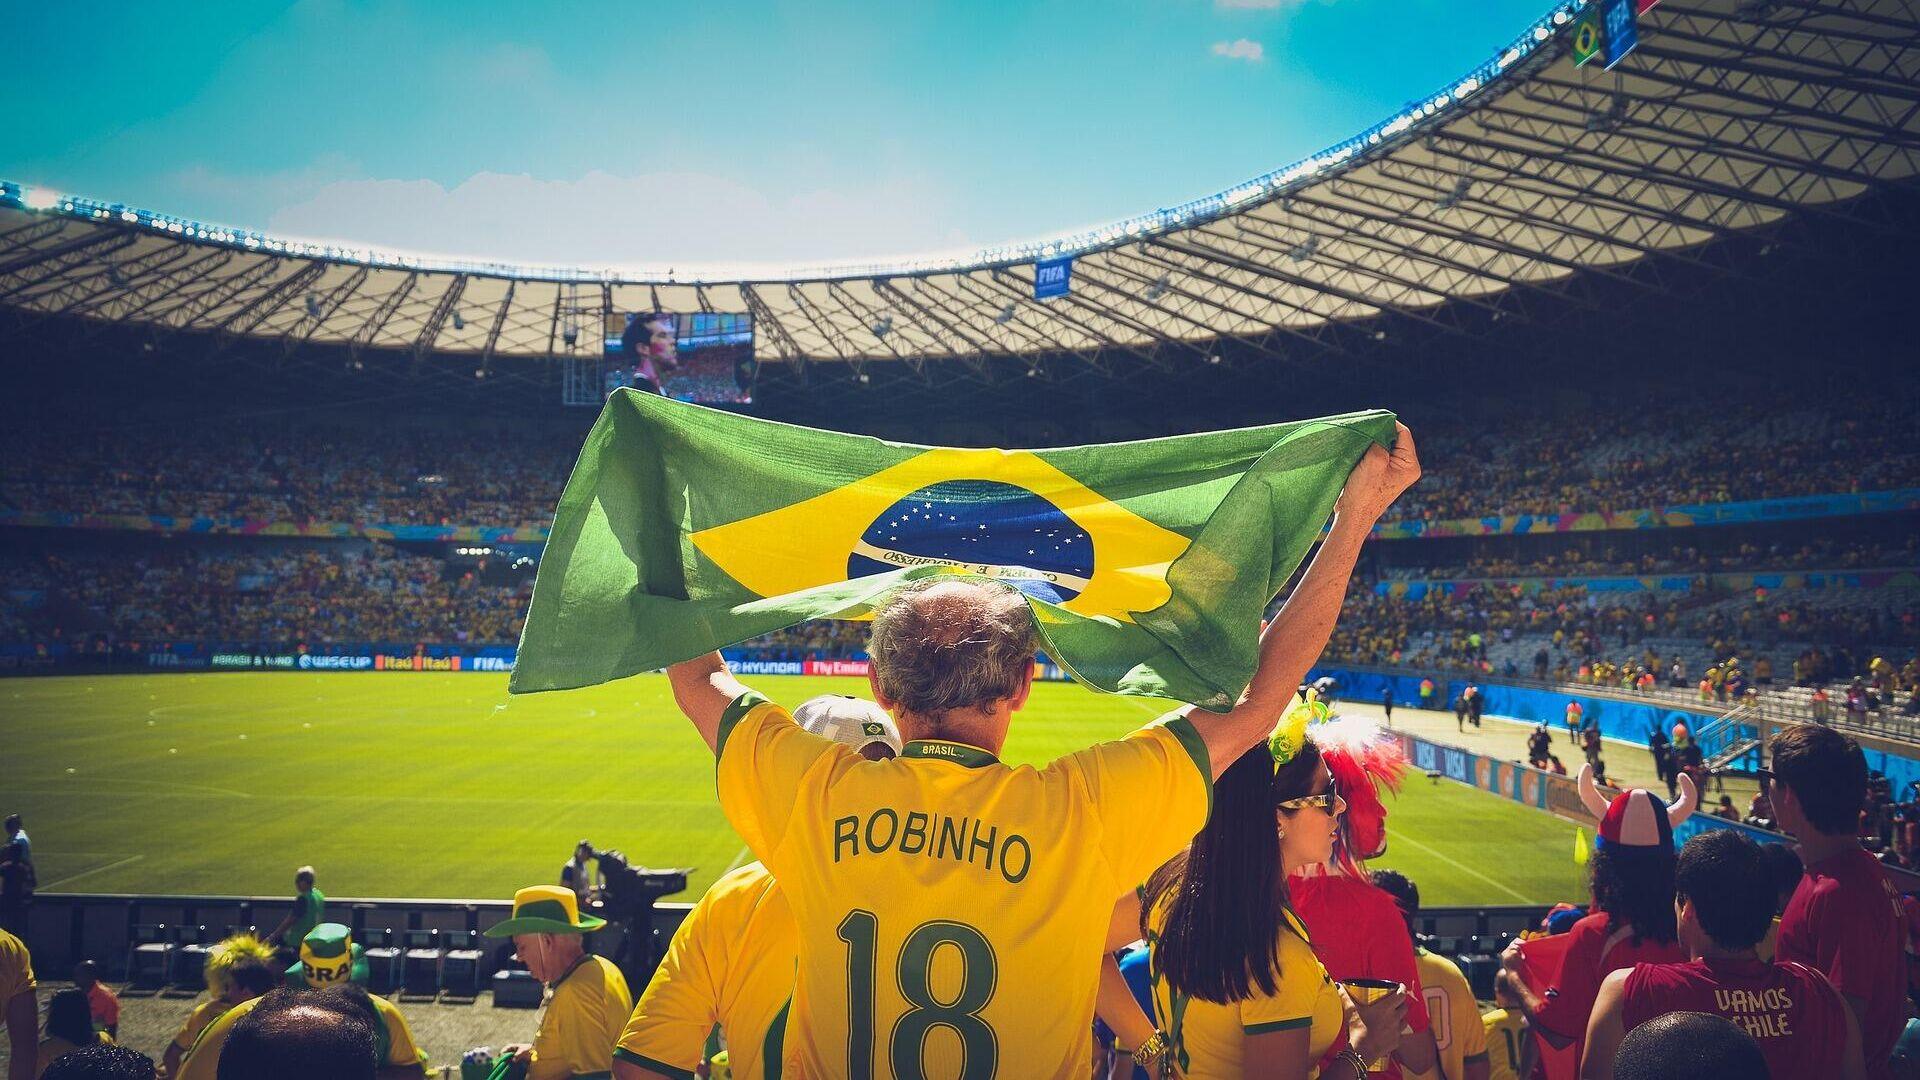 Un simpatizante de Brasil en un estadio de fútbol. Imagen referencial - Sputnik Mundo, 1920, 15.06.2021